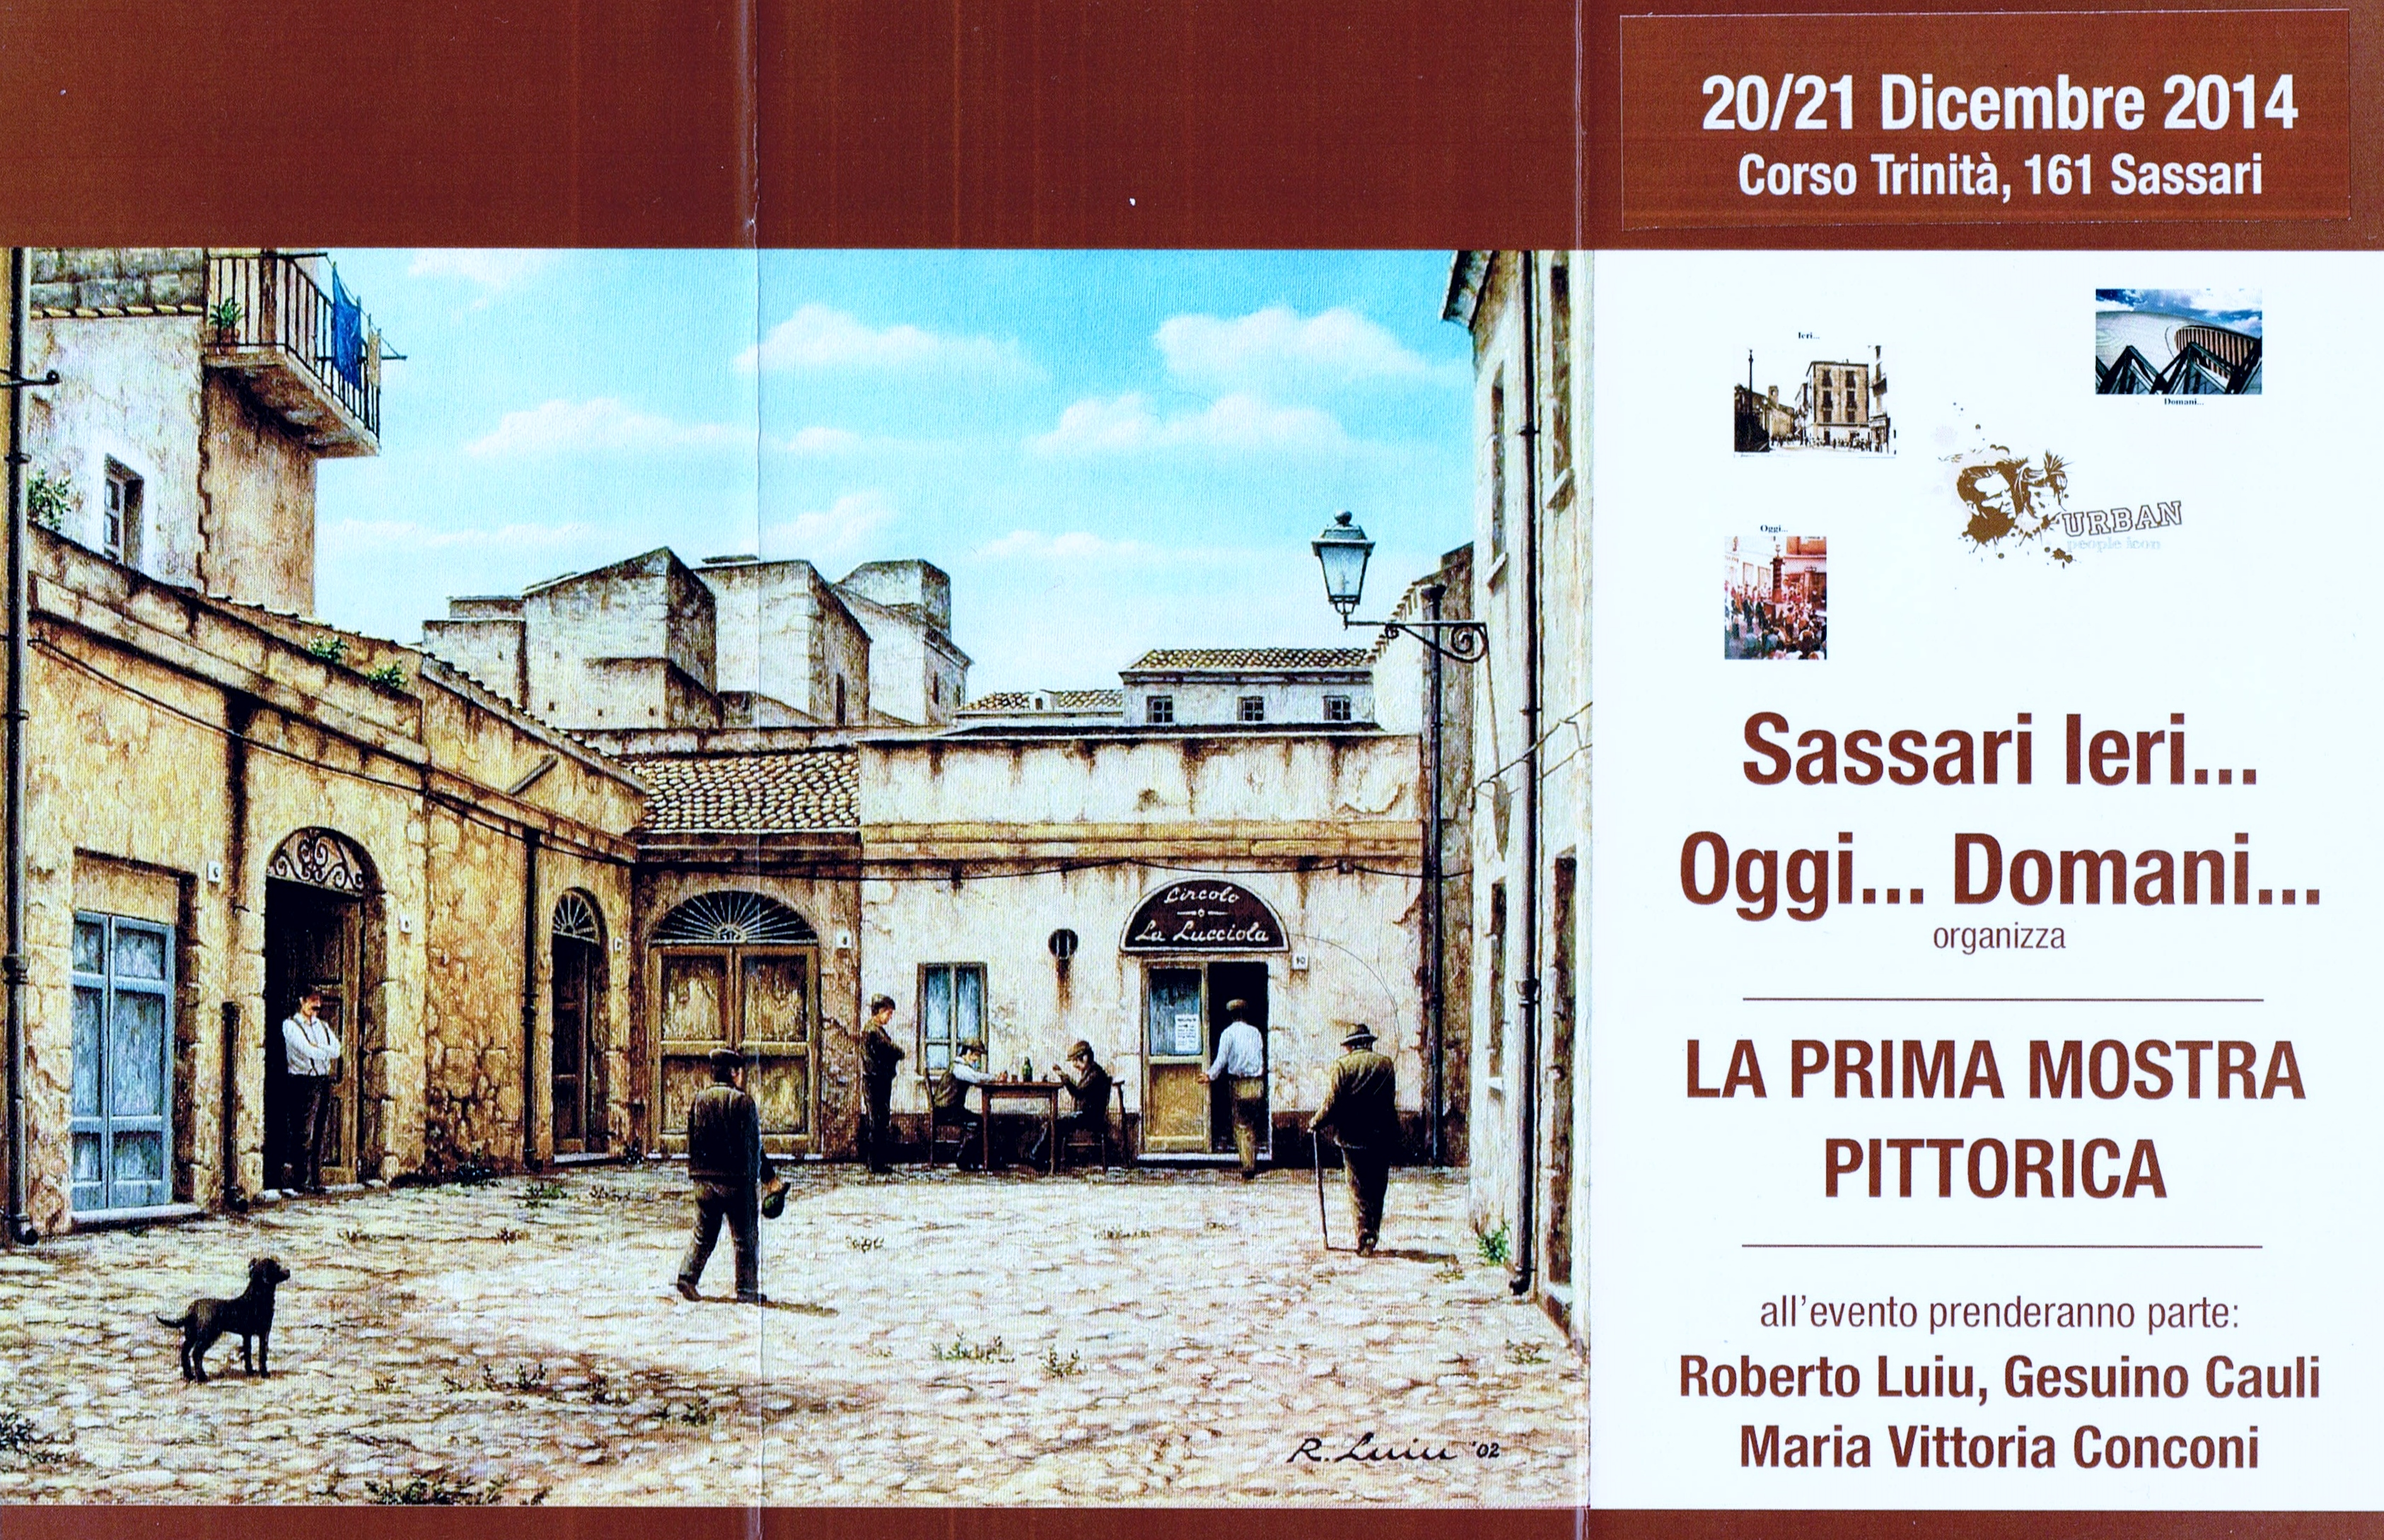 Sassari Ieri ... Oggi ... Domani ... organizza la prima Mostra Pittorica 20 e 21 dicembre presso Corso Trinità 161